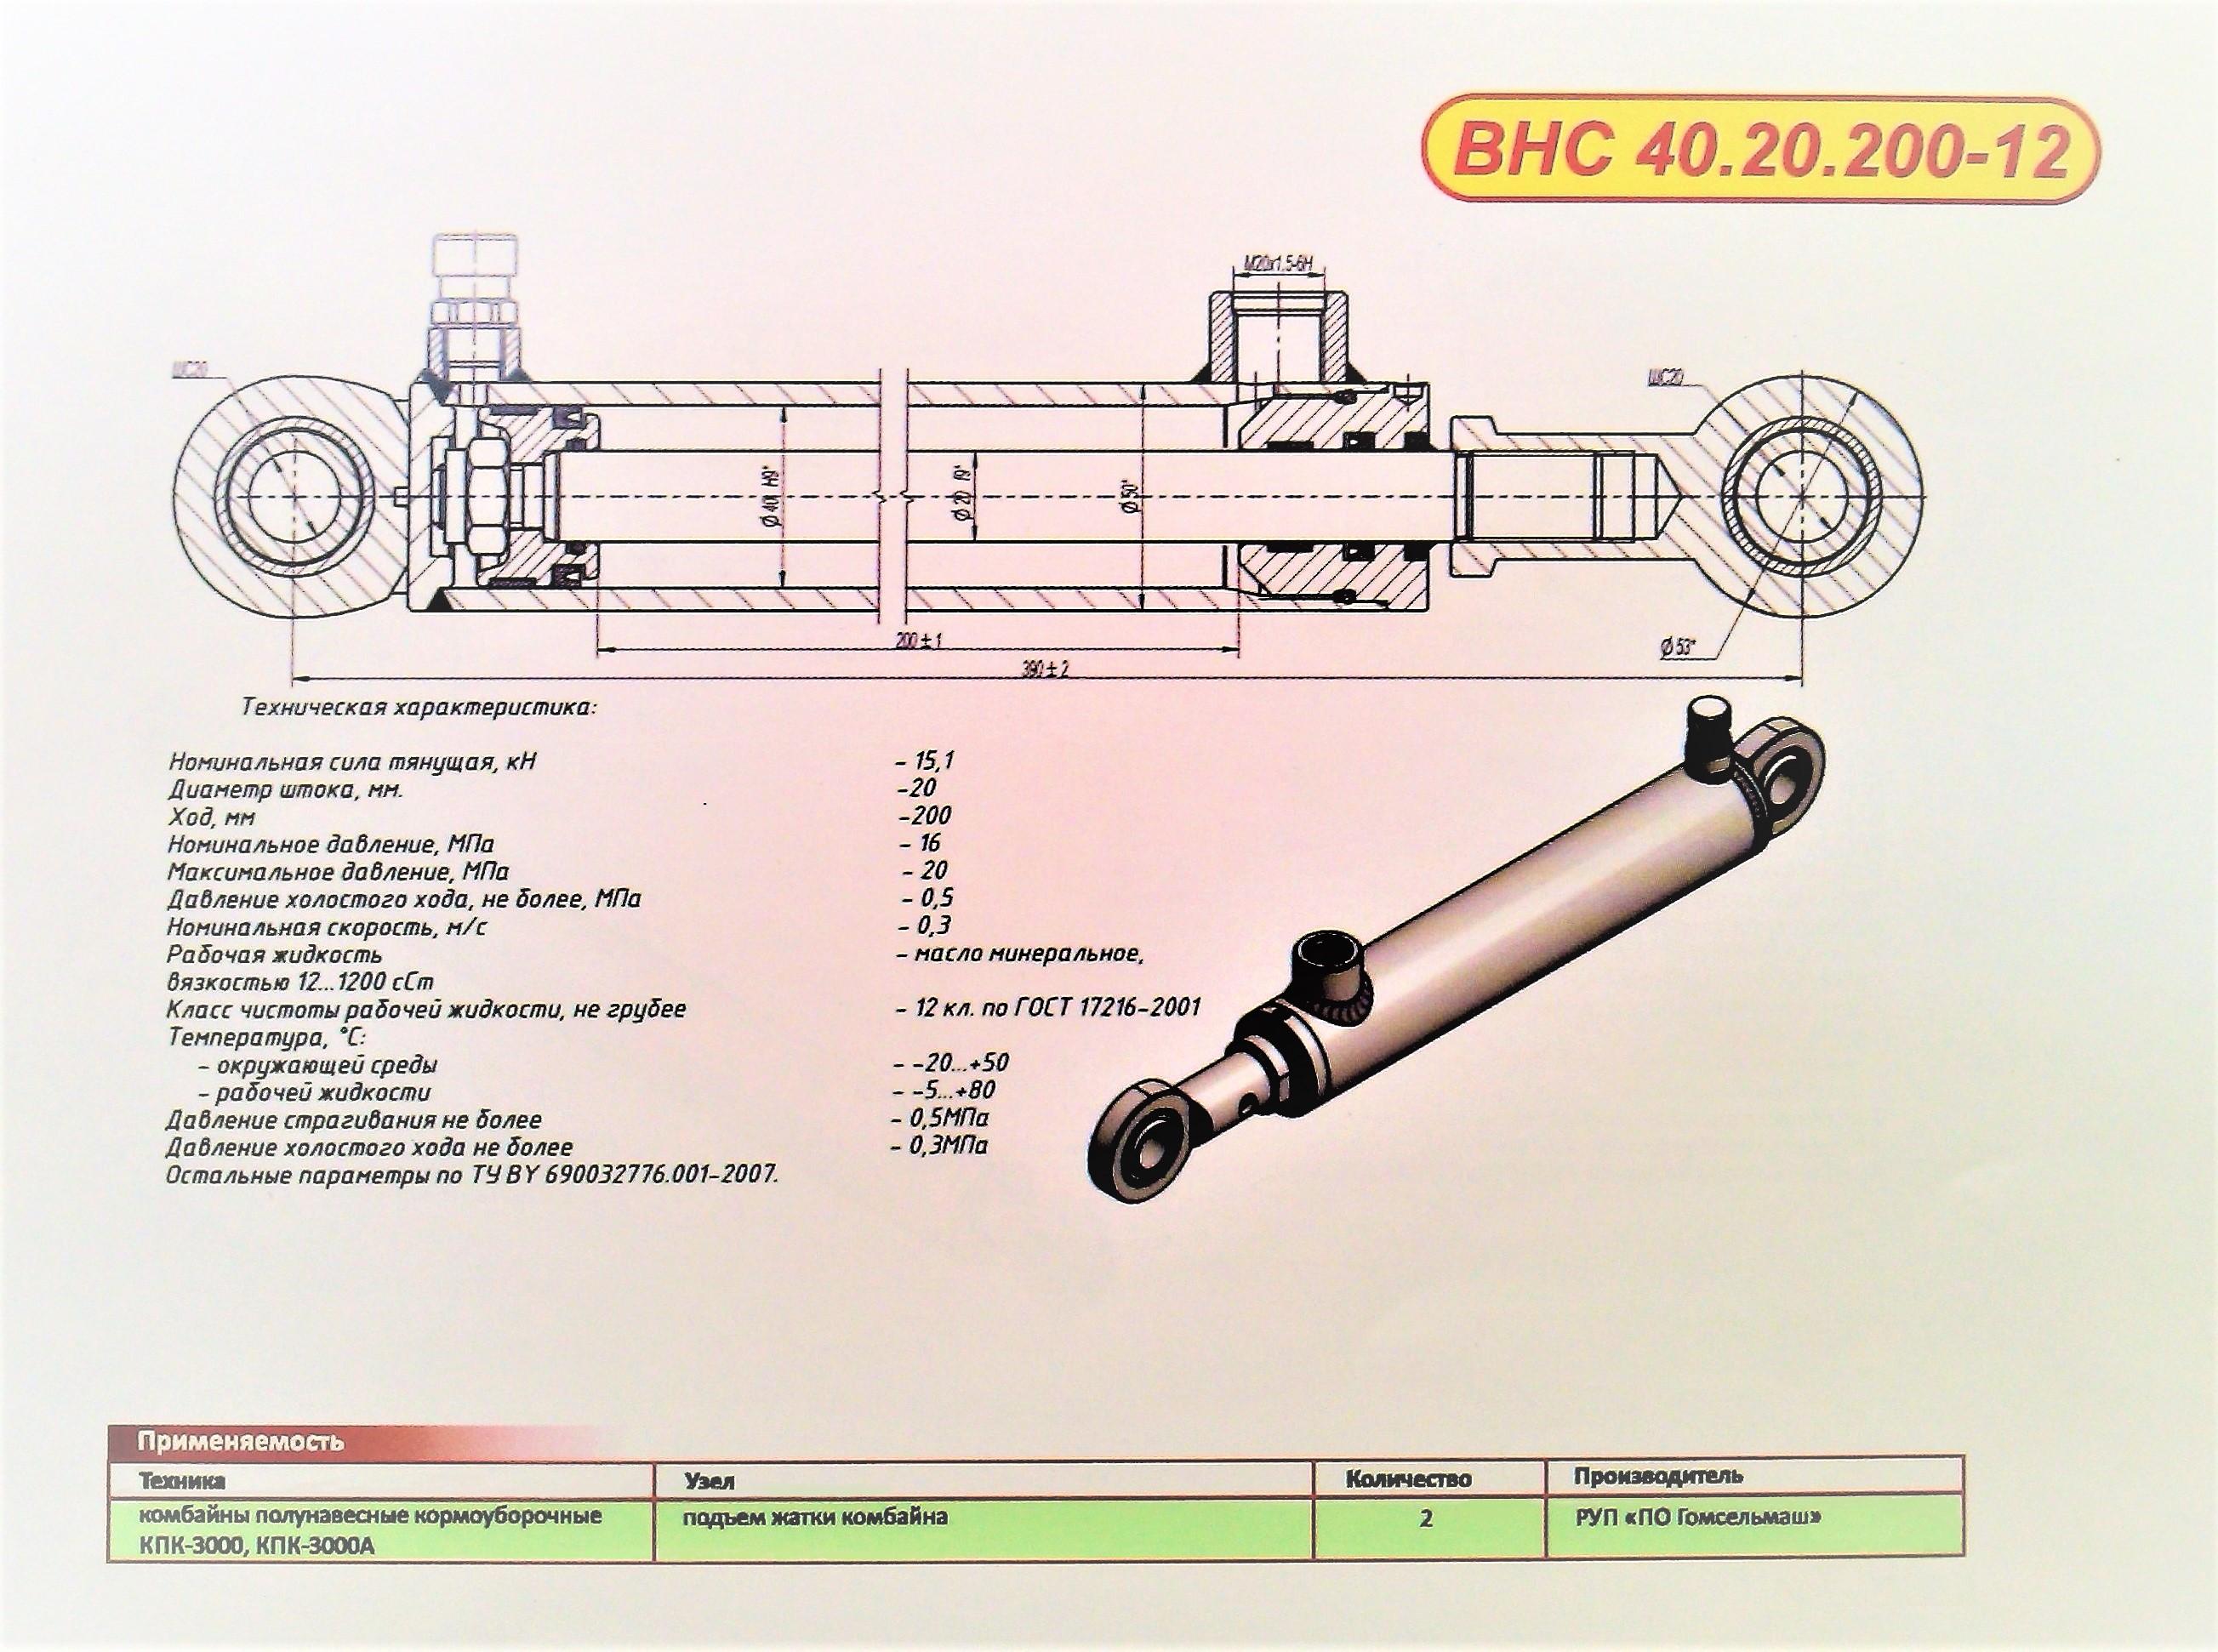 Gidrotsilindr-VNS-40.20.200-12